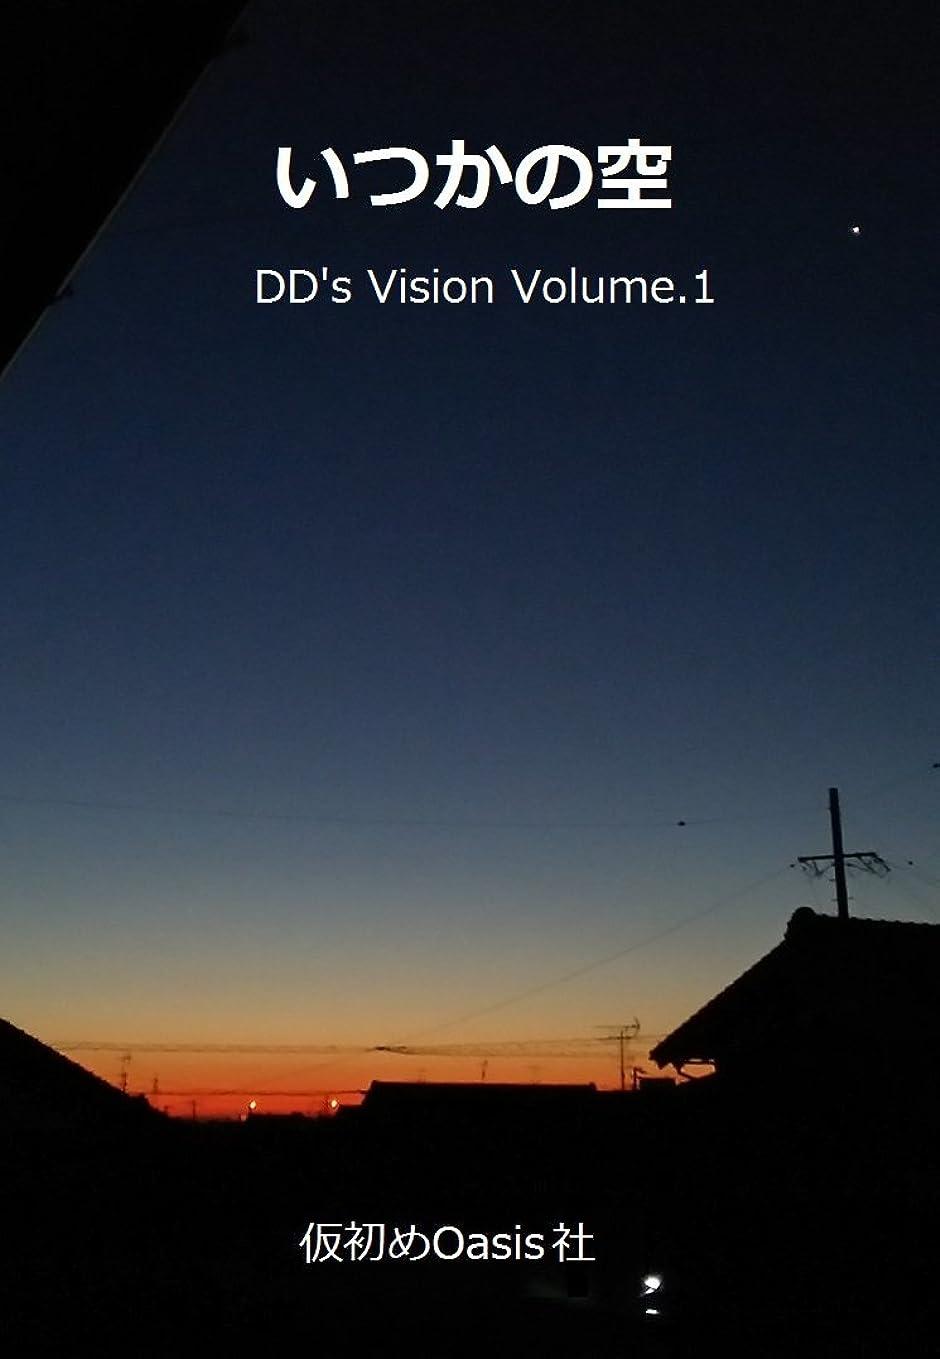 アームストロングエンターテインメント特別ないつかの空: DD's Vision Volume.1